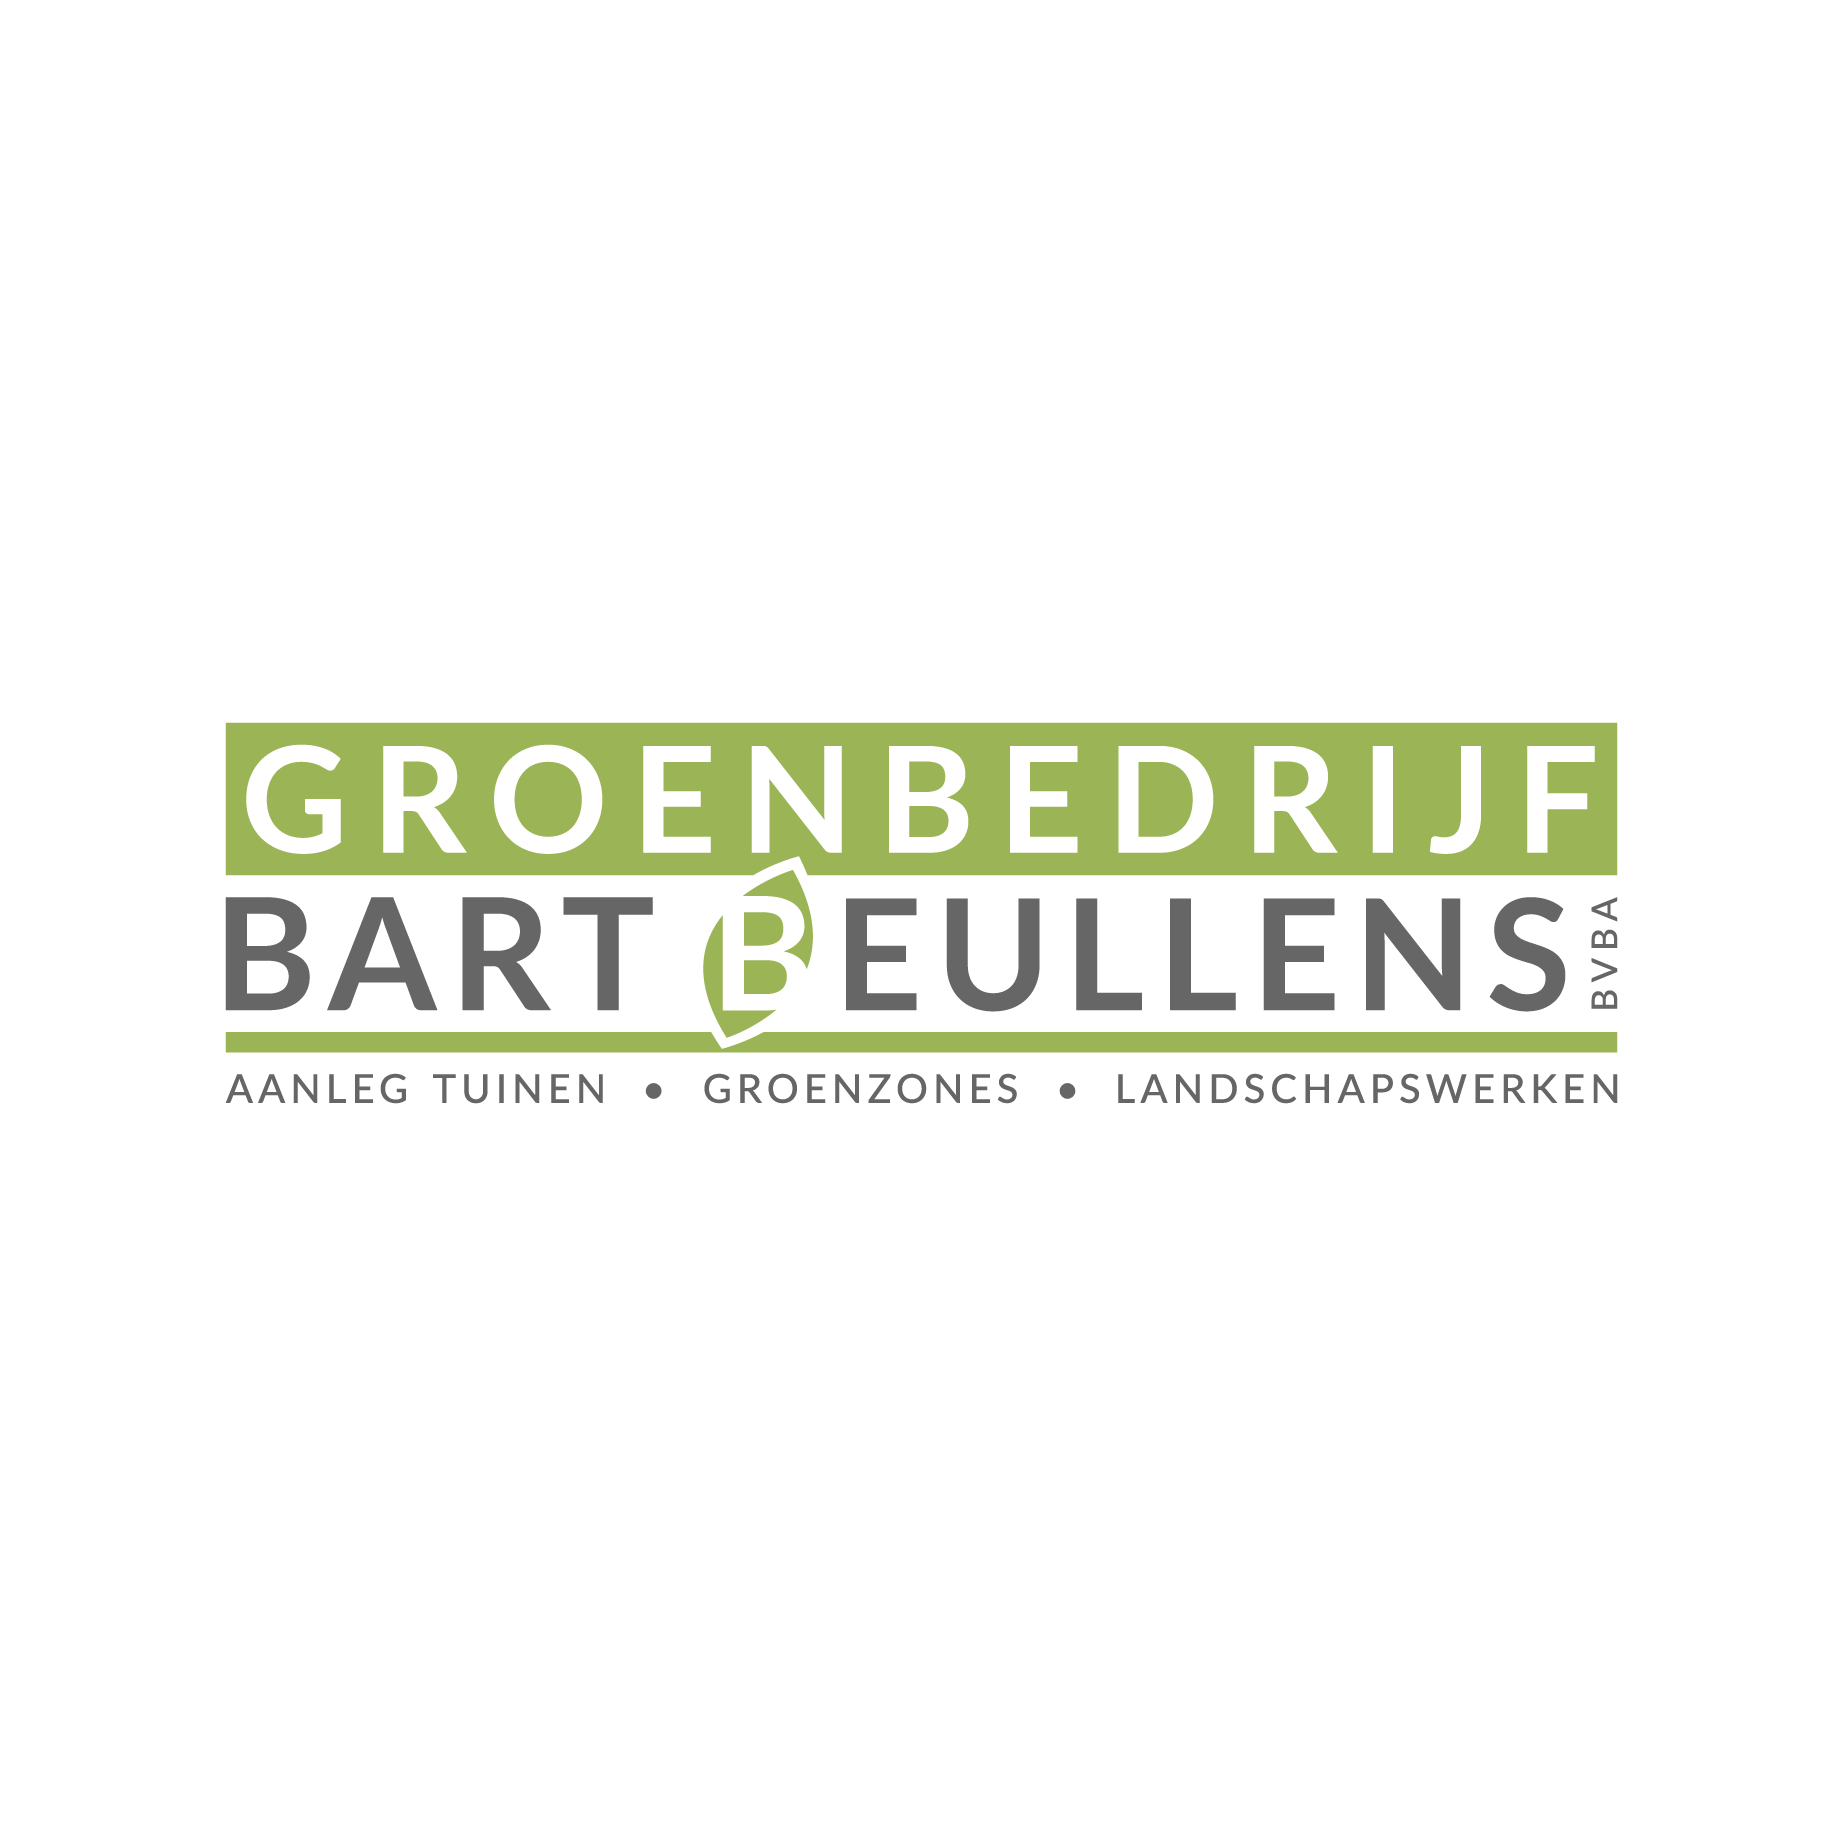 GROENBEDRIJF BART BEULLENS